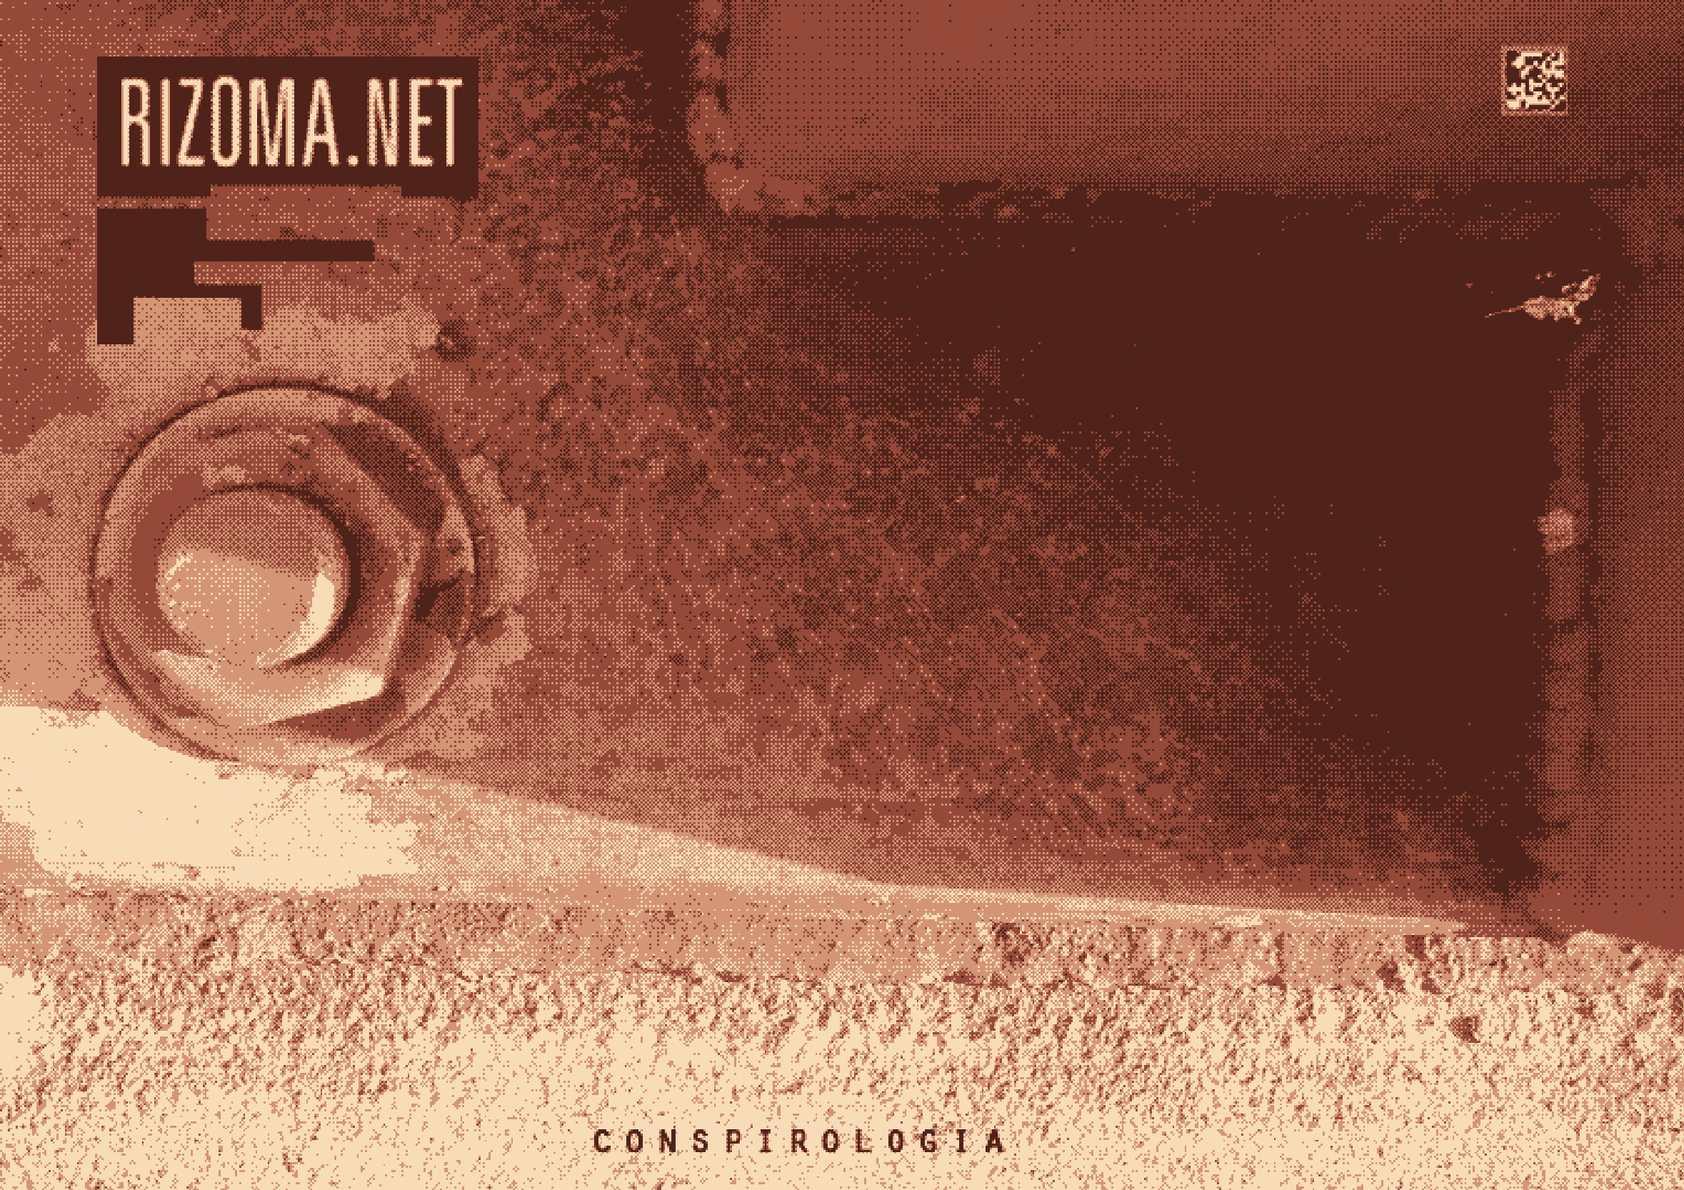 Calaméo - RIZOMA.NET- Conspirologia dc42dac217d57